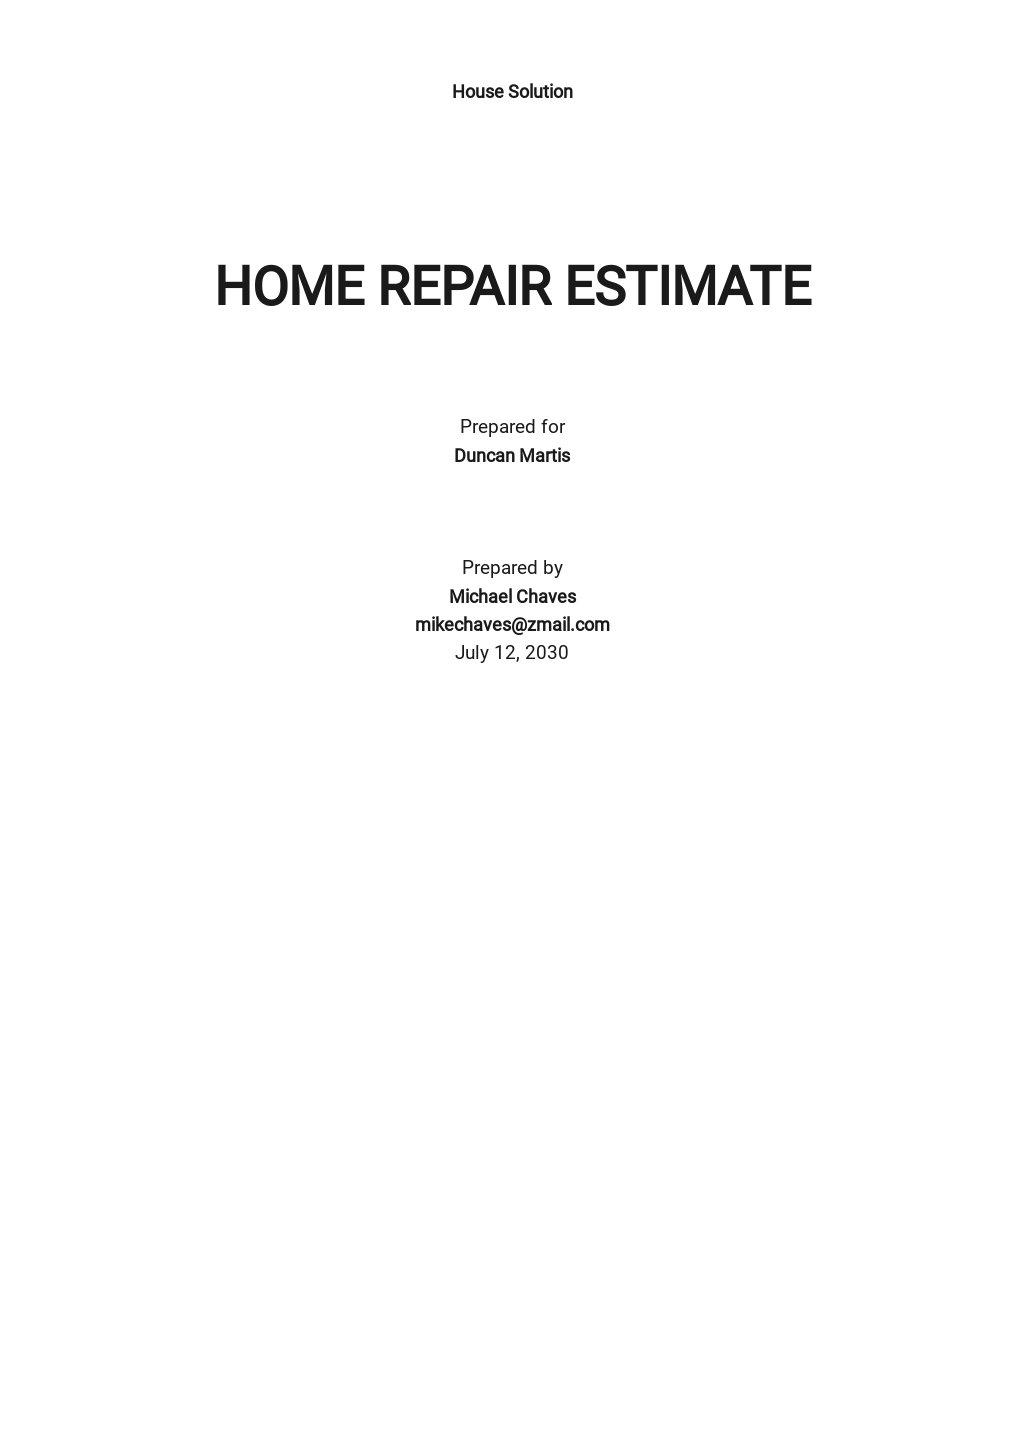 Editable Home Repair Estimate Template